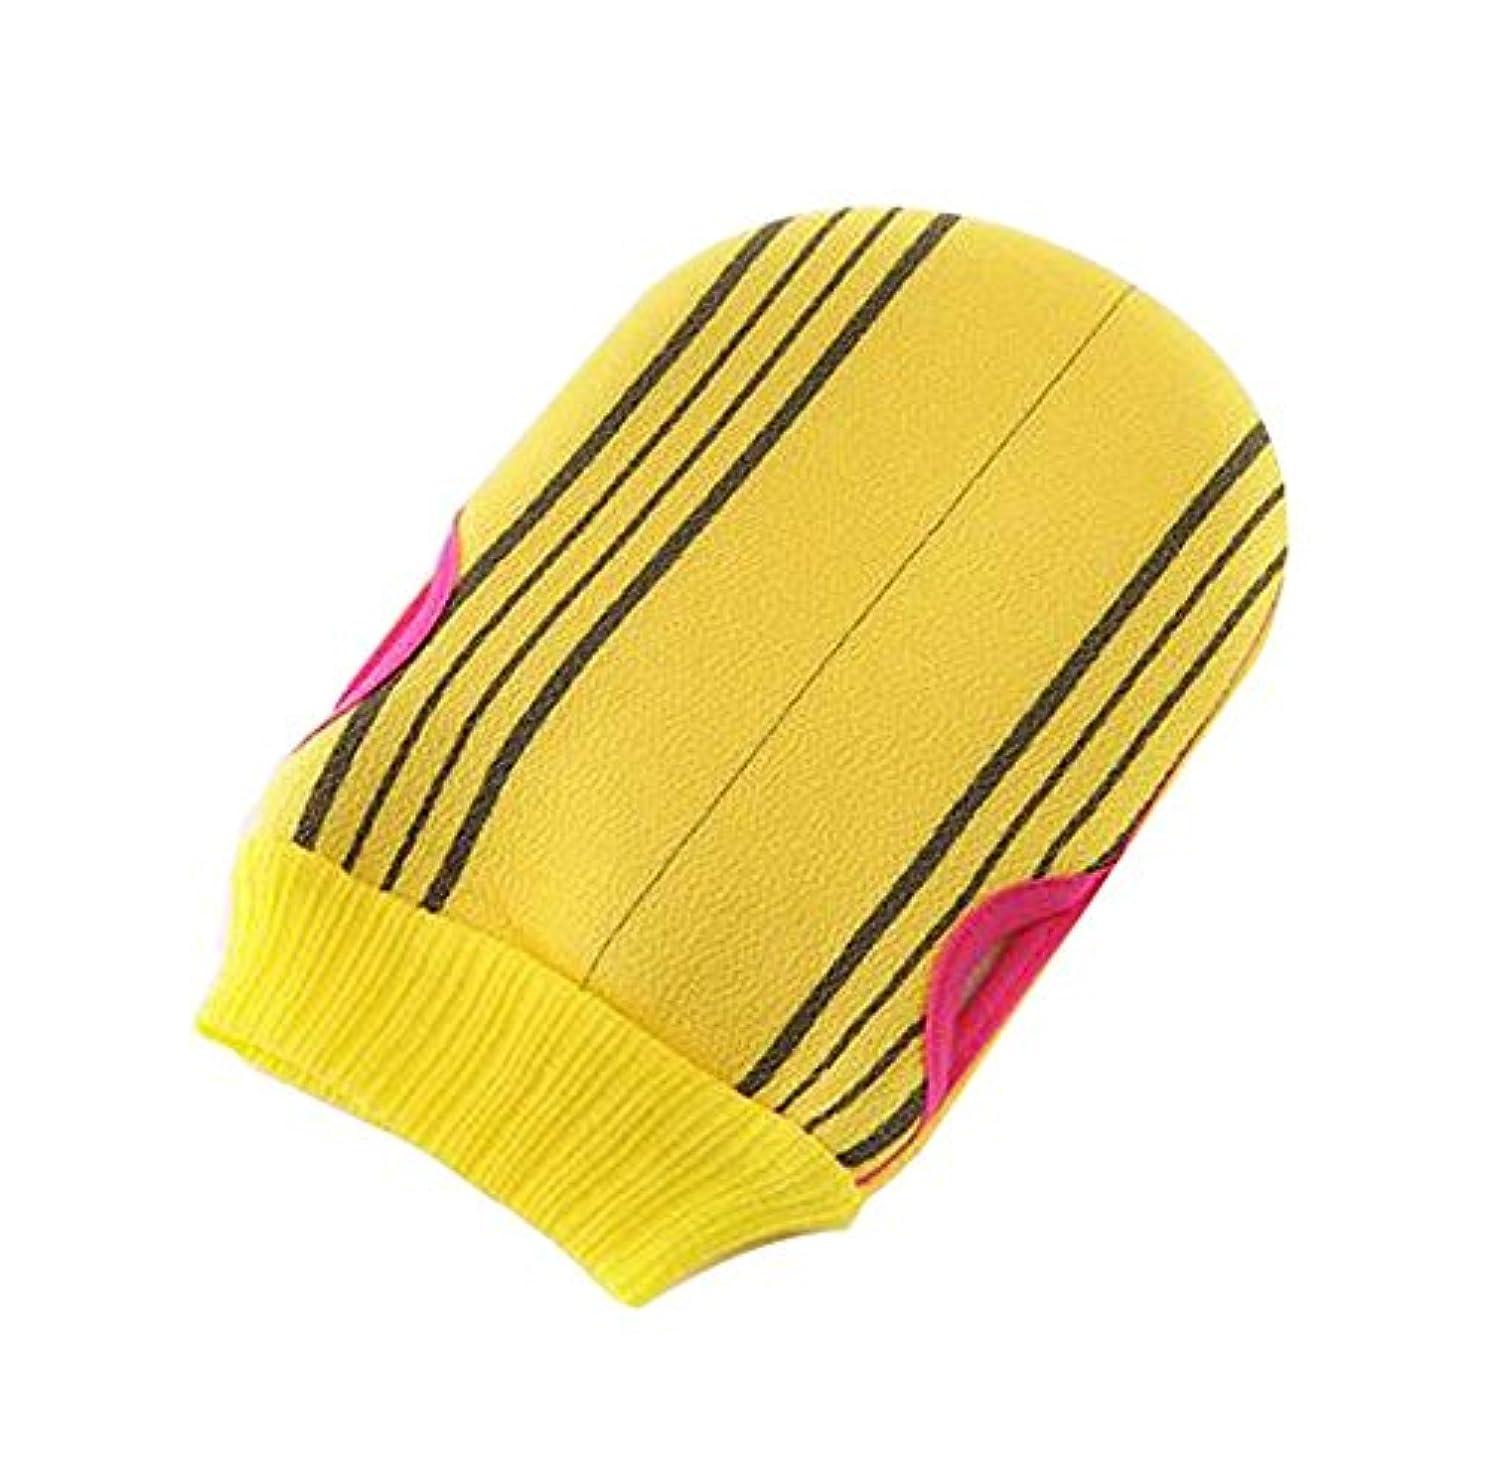 かどうかバラ色交流するソフトボディークリーニングバスグローブタオルバス剥離ミトン1枚、黄色